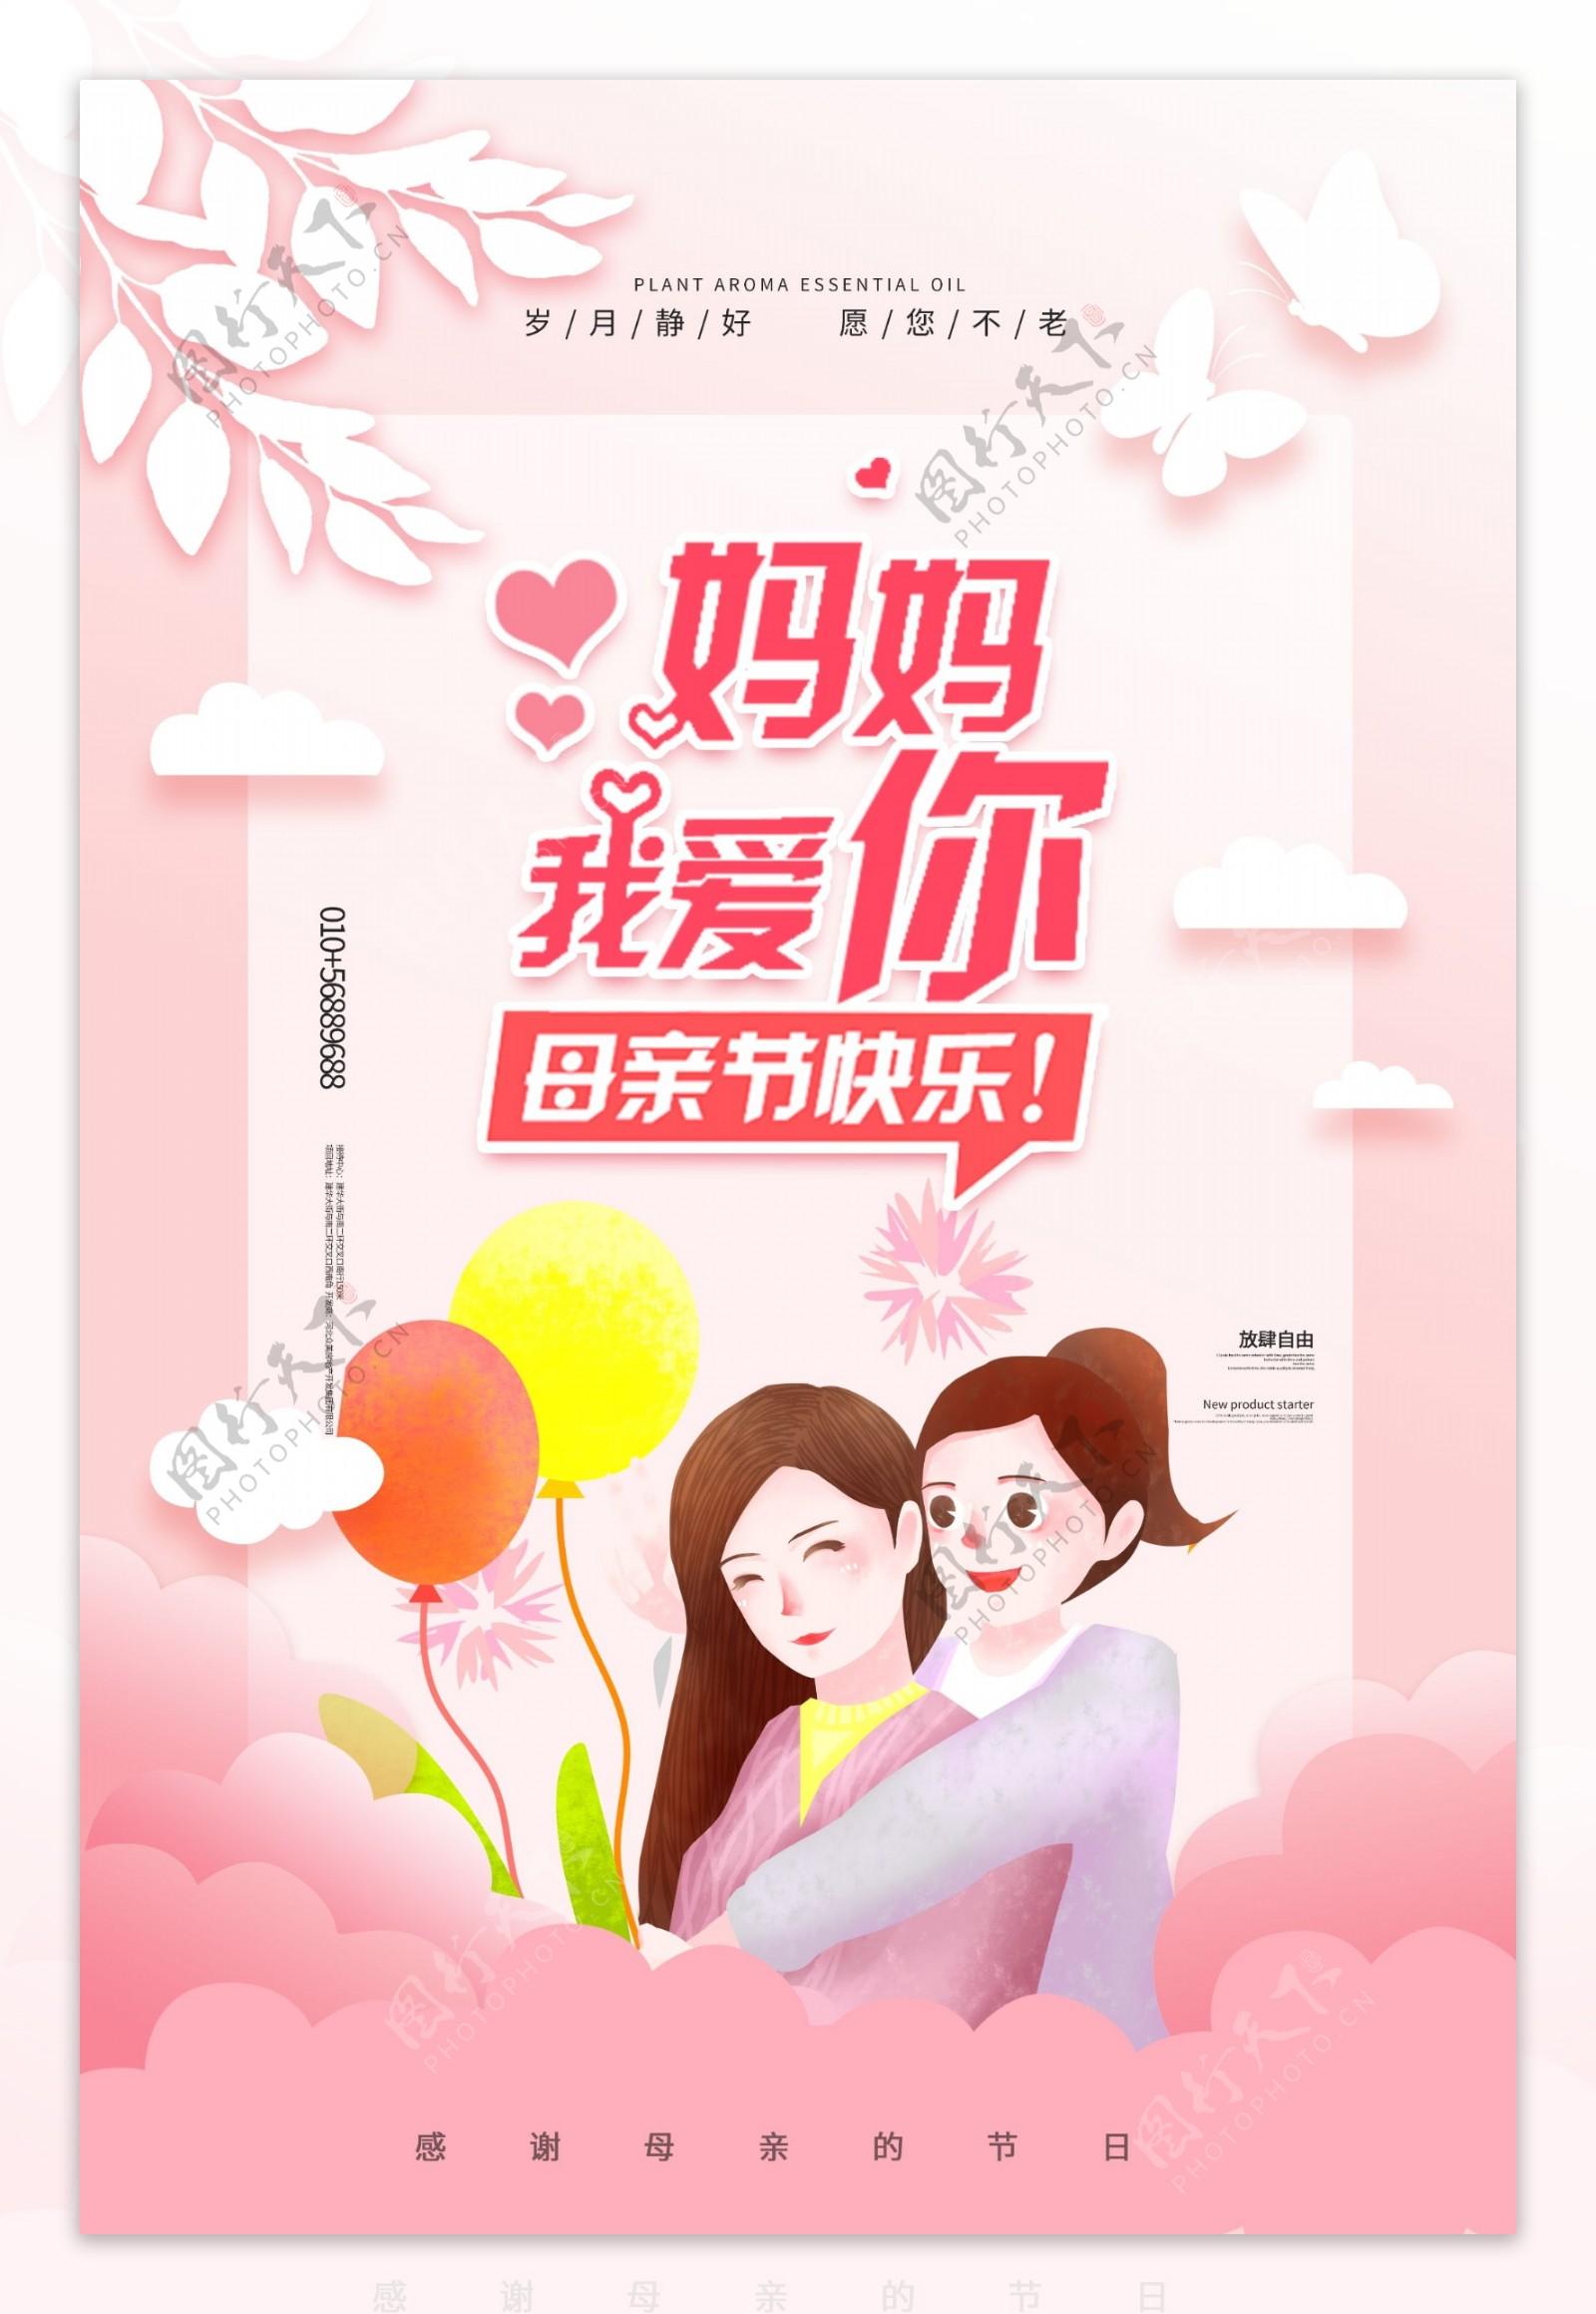 5月12日母亲节海报